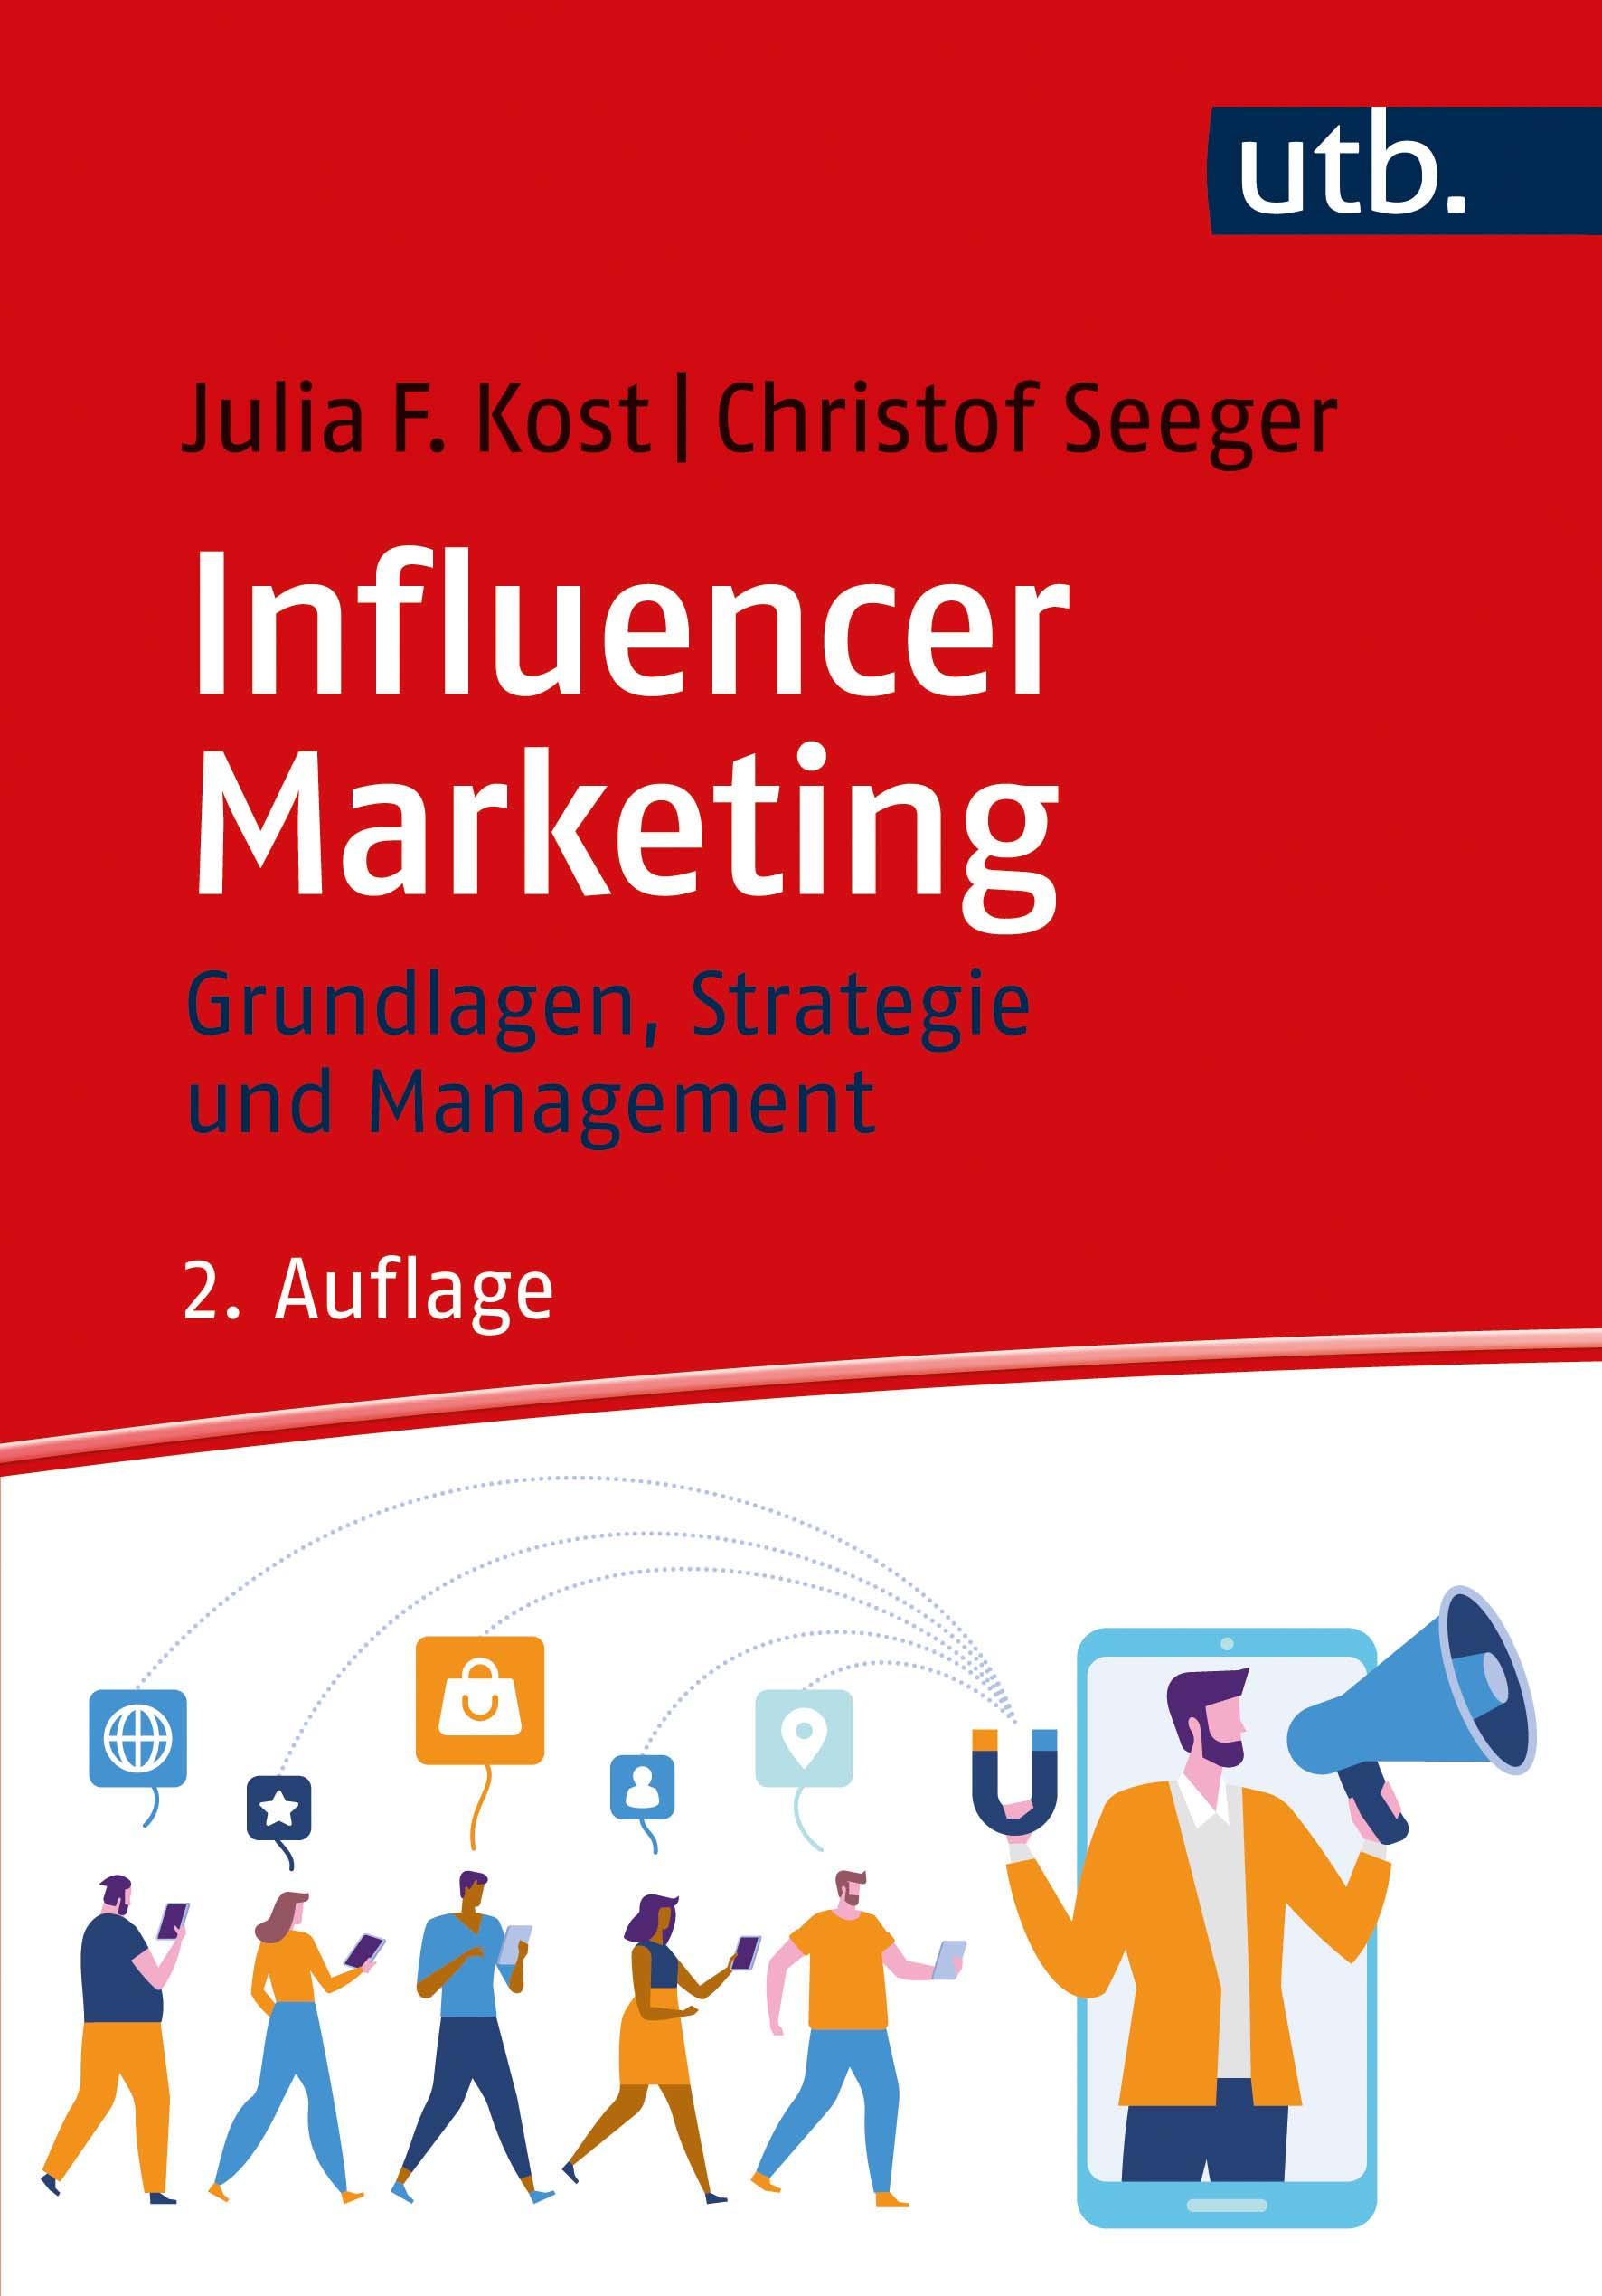 2. Auflage Influencer Marketing erscheint